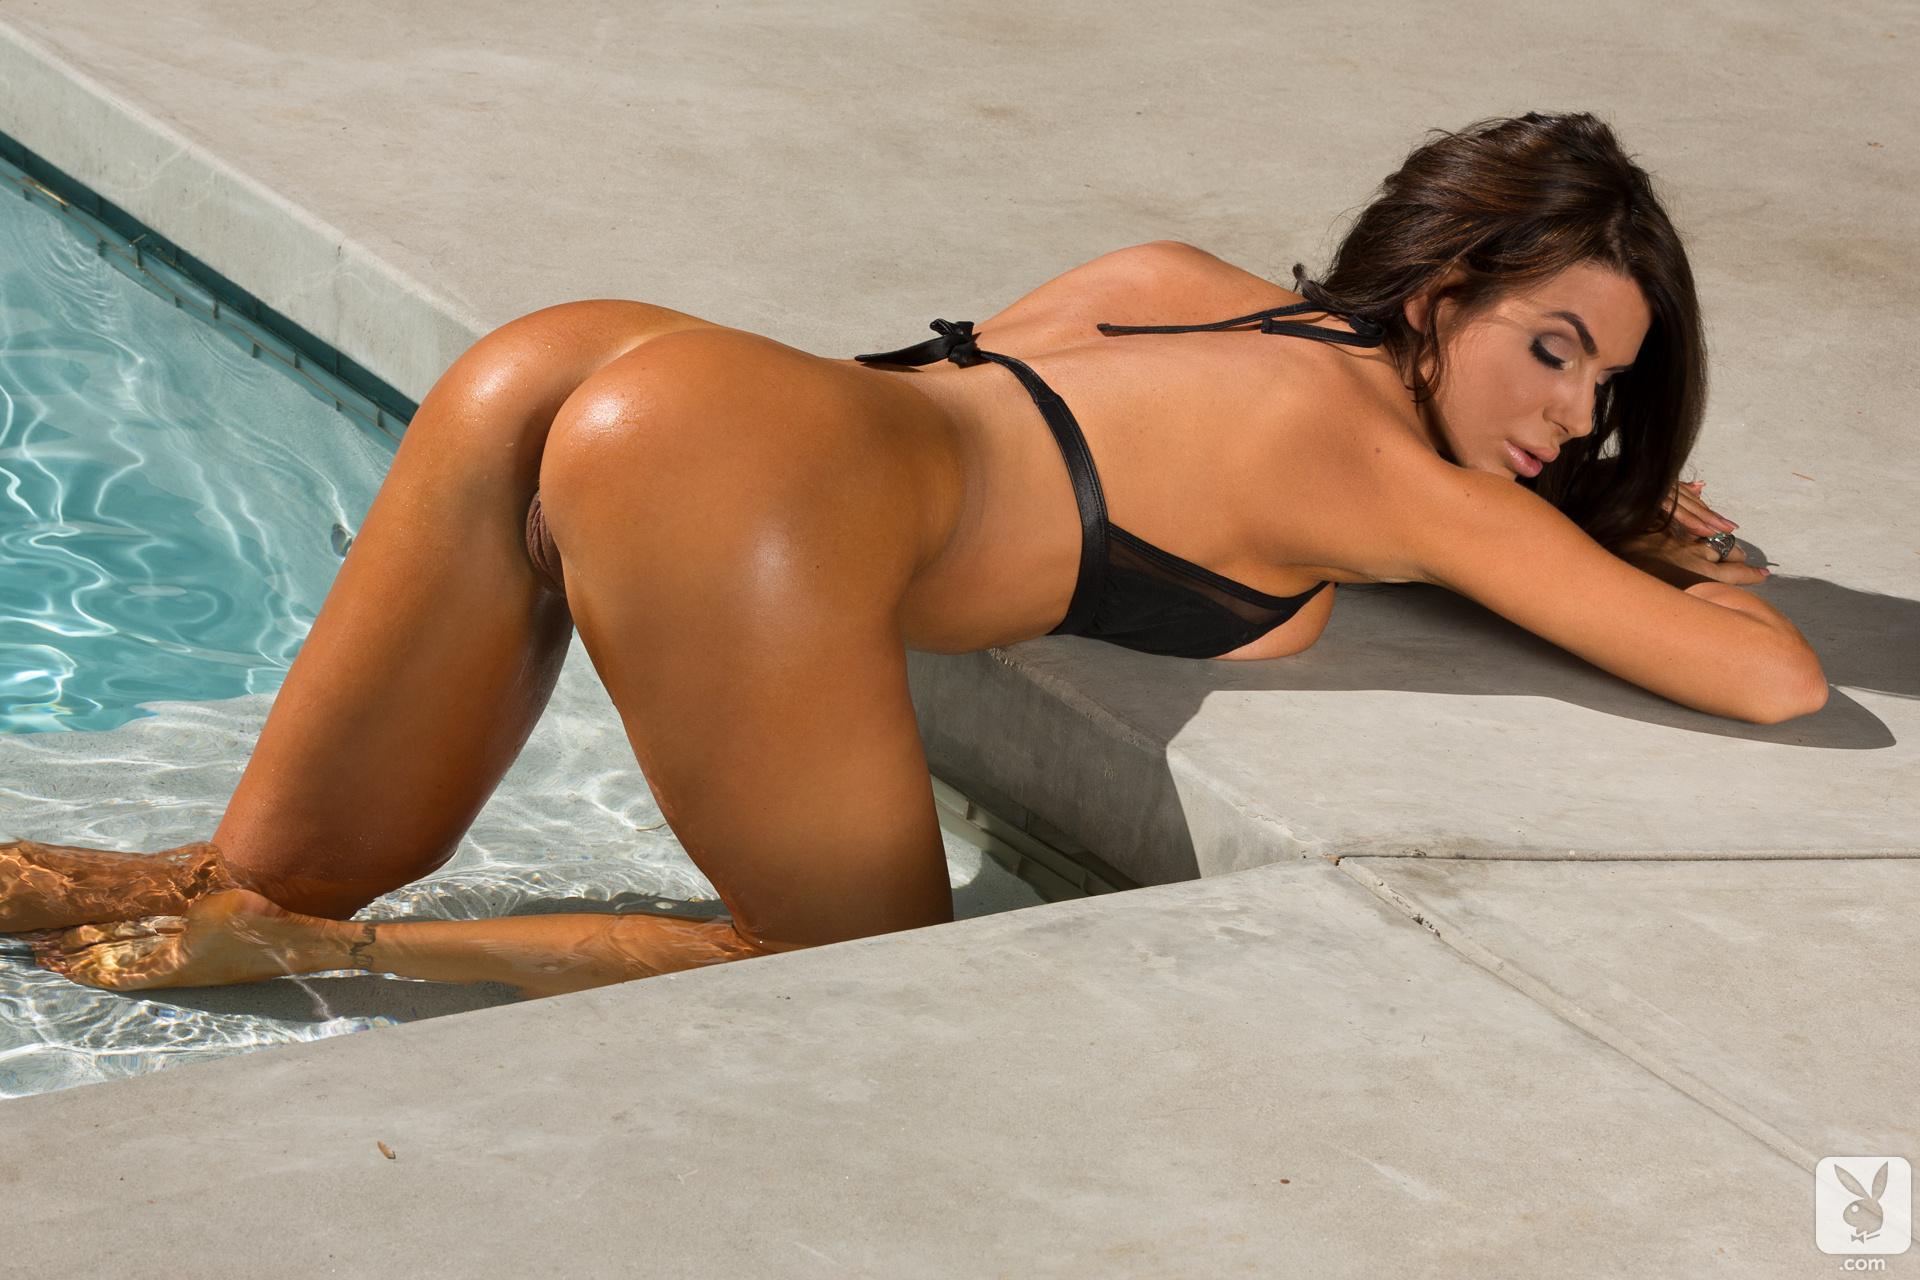 playboy nude girl water